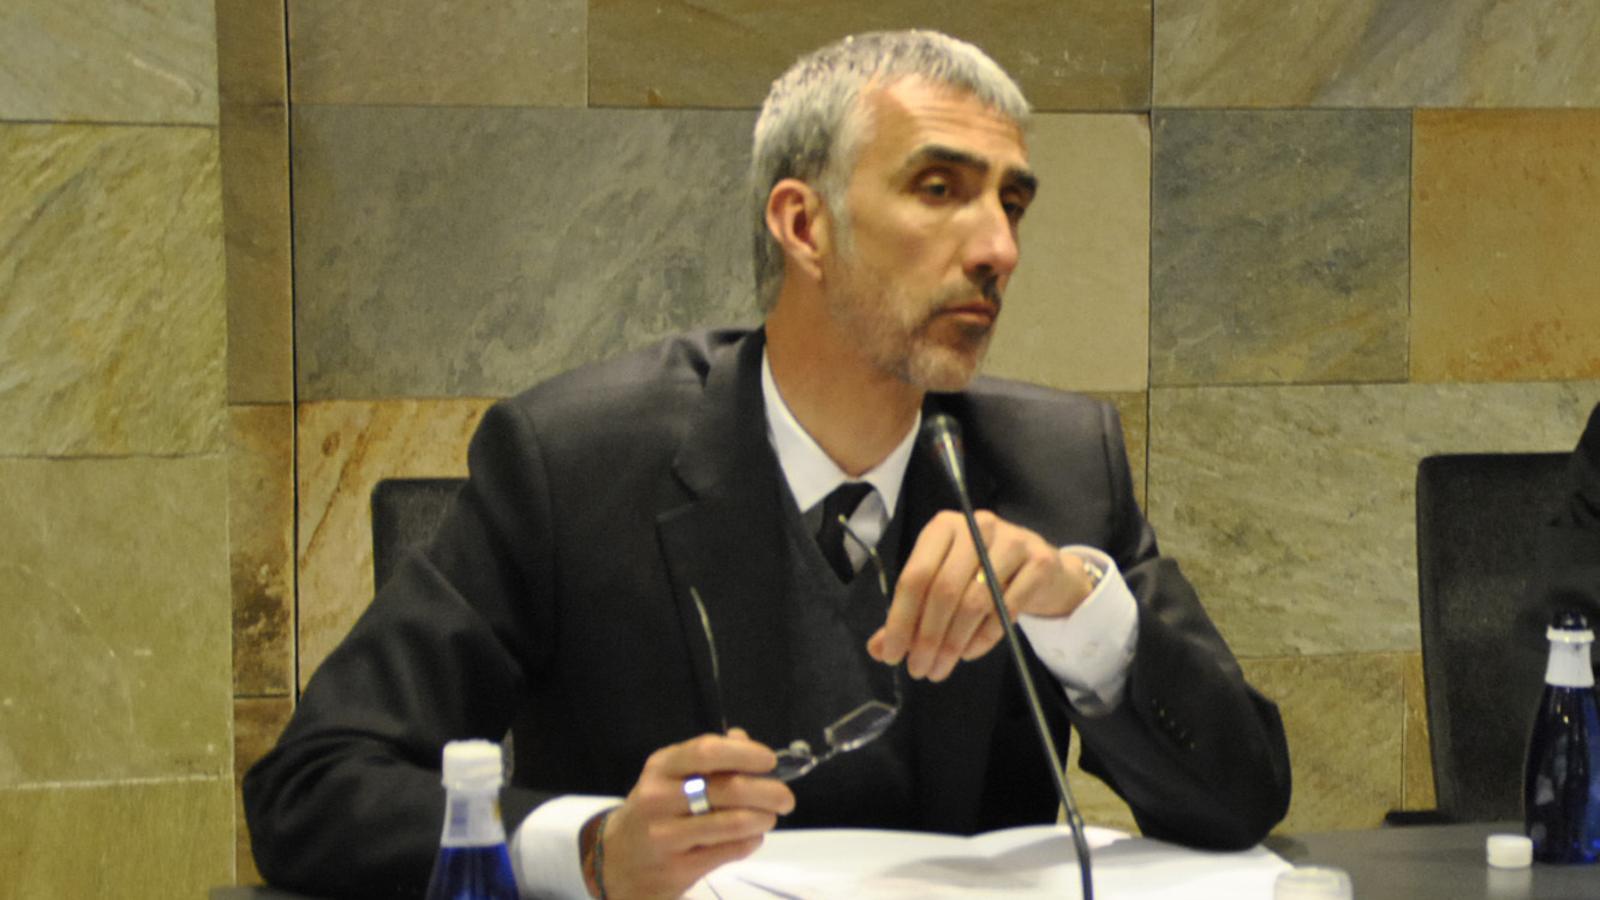 Èric Bartolomé, quan era conseller d'Ordino en una imatge del 2013. / Arxiu ANA